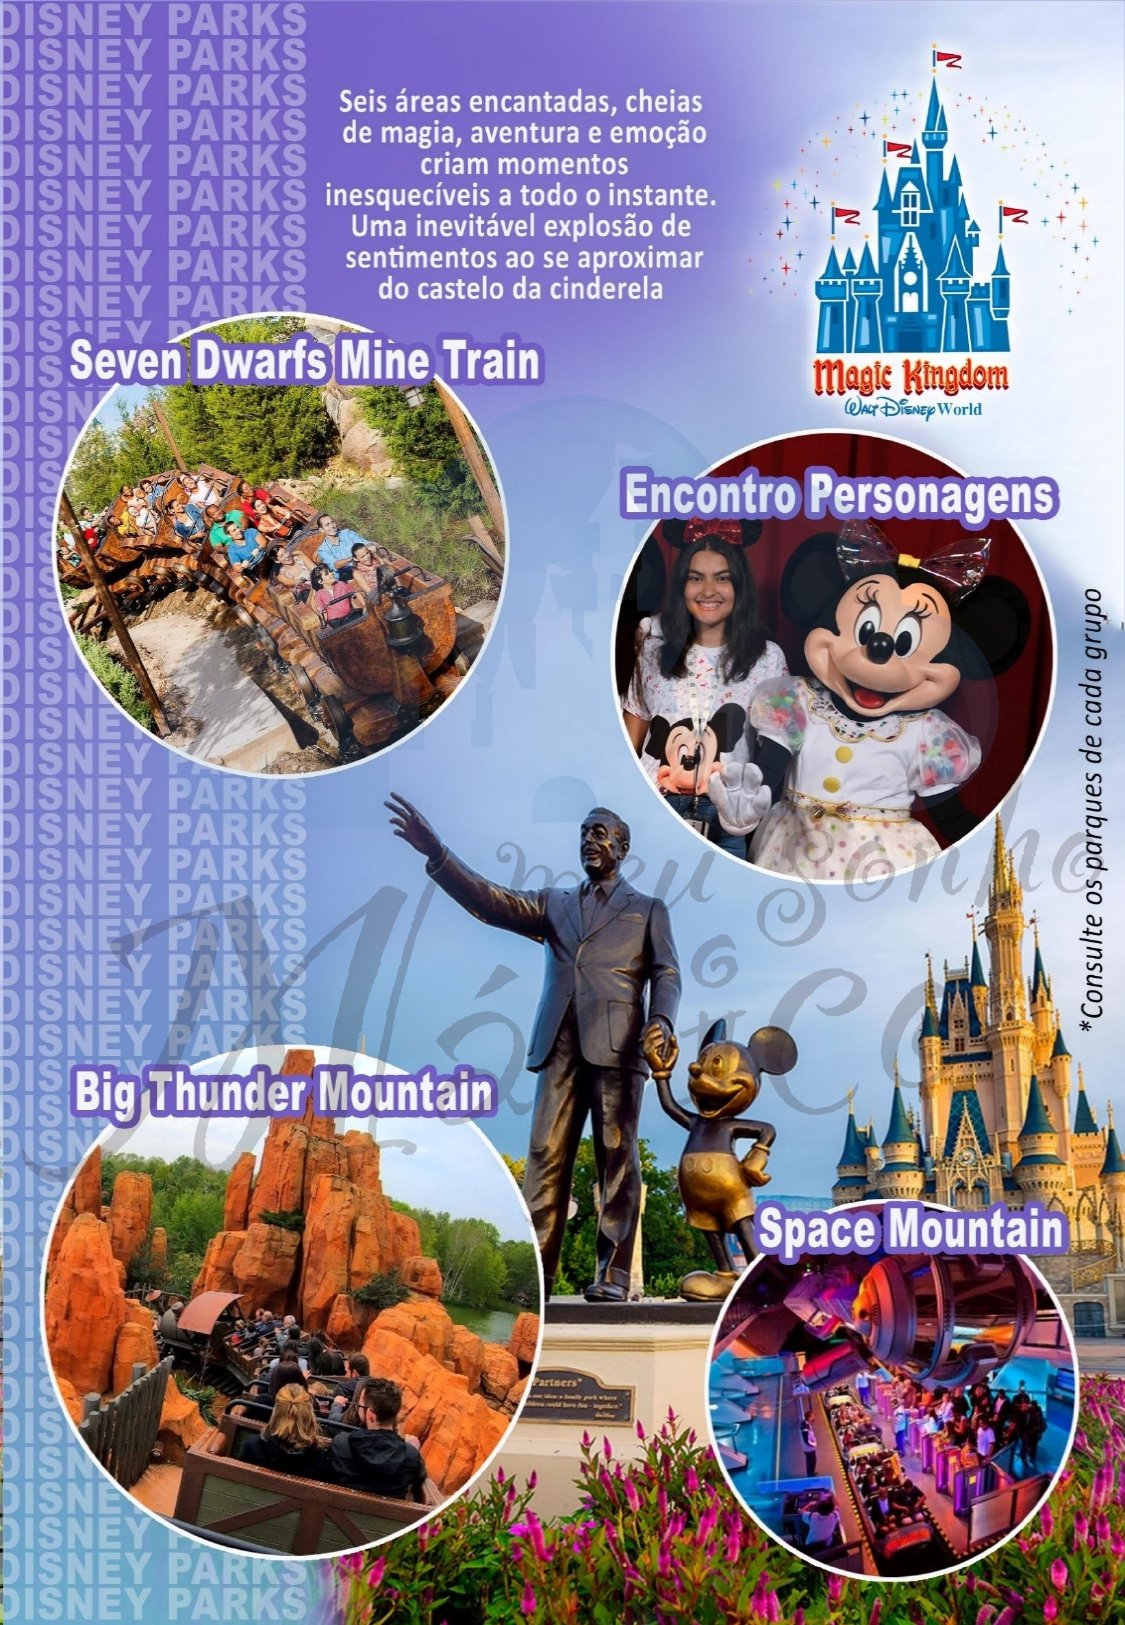 Grupo Family Verão - Disney Julho 2022 8